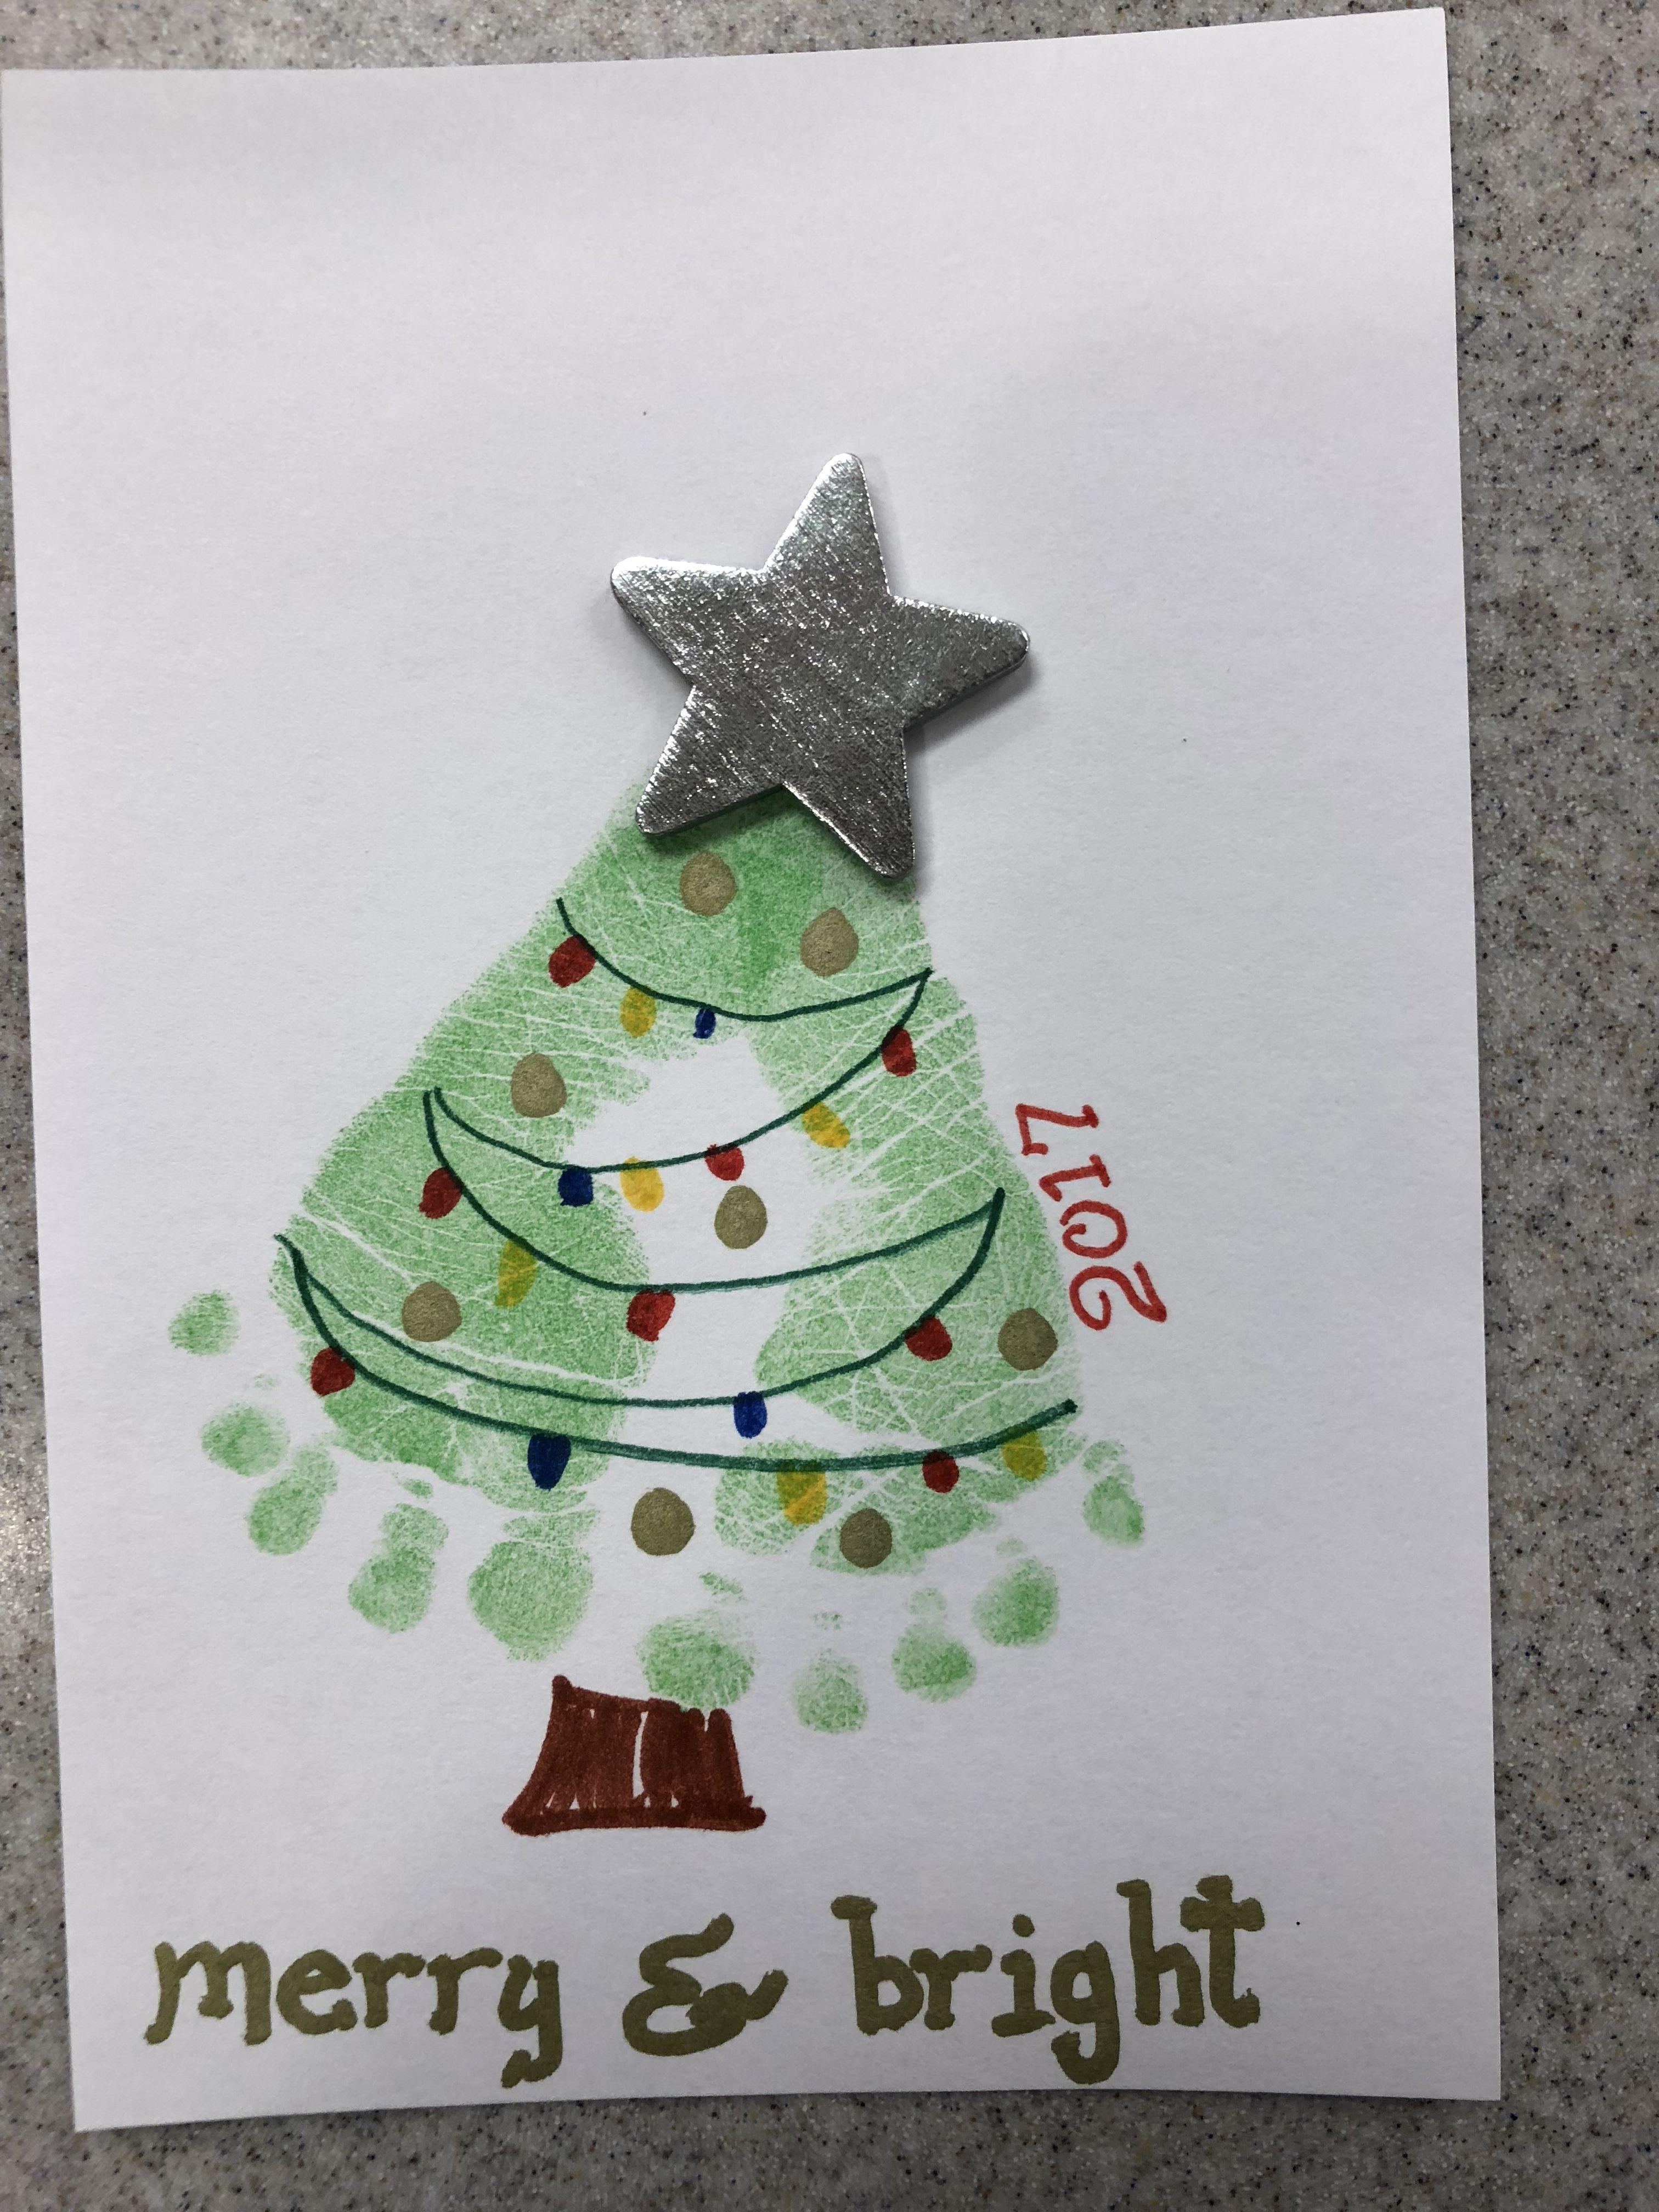 Christmas Tree Newborn Footprint Art Newborn Crafts Newborn Footprint Art Handprint Christmas